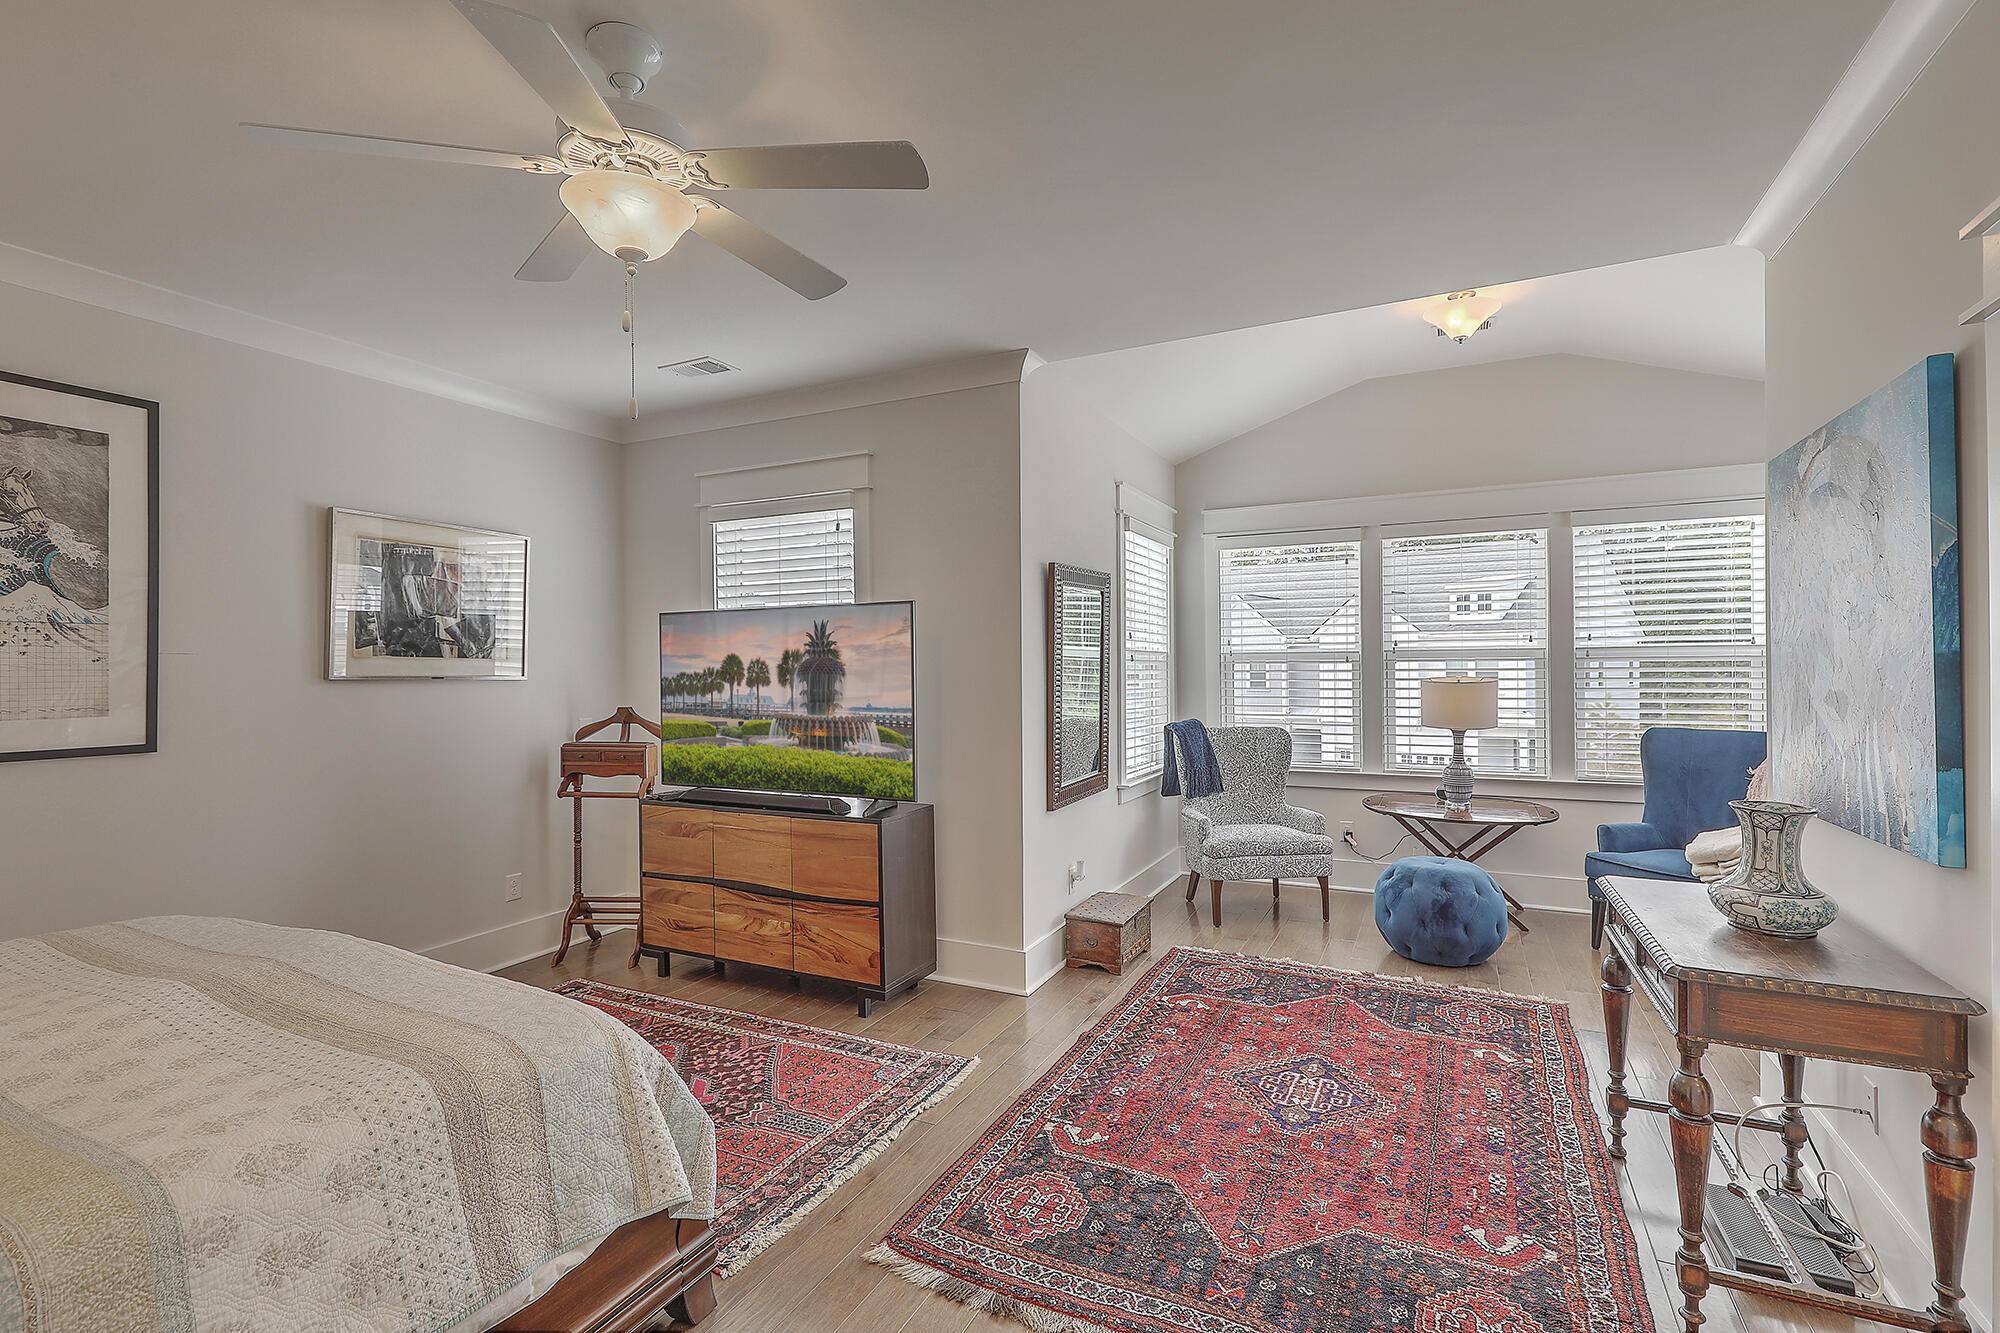 Dunes West Homes For Sale - 2915 Eddy, Mount Pleasant, SC - 34